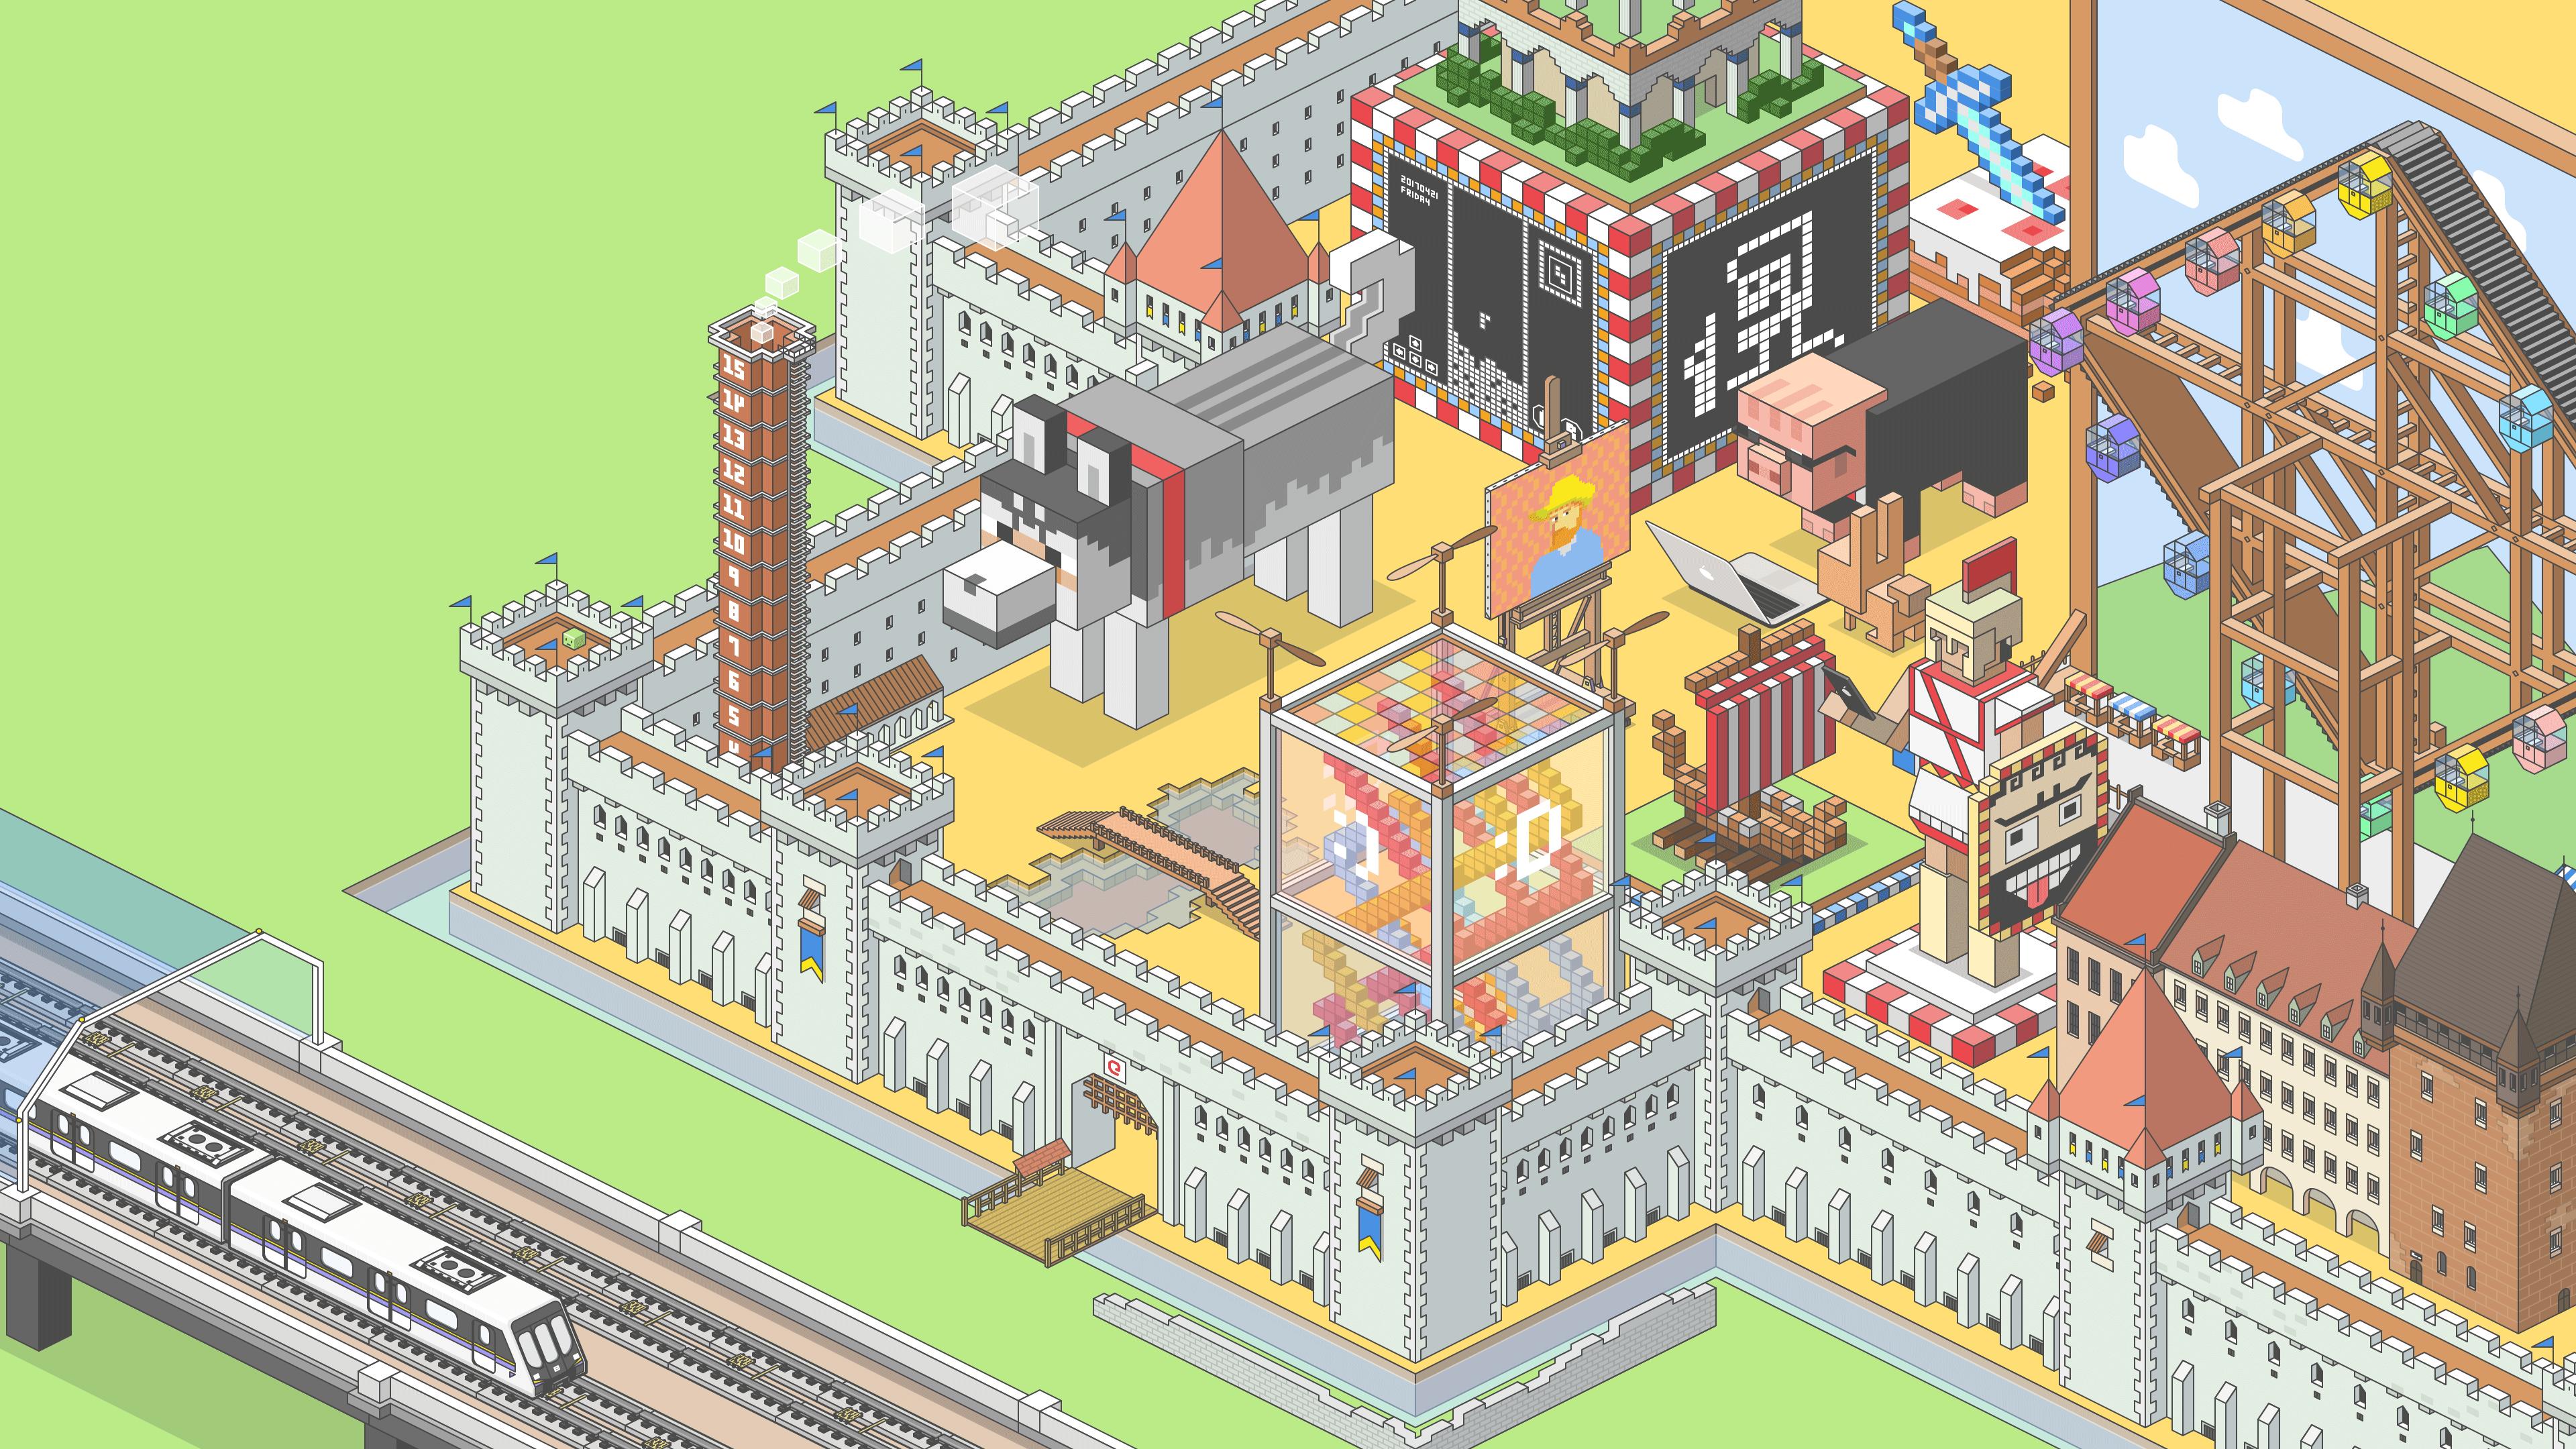 General 3840x2160 qianka pixel art flat art Minecraft